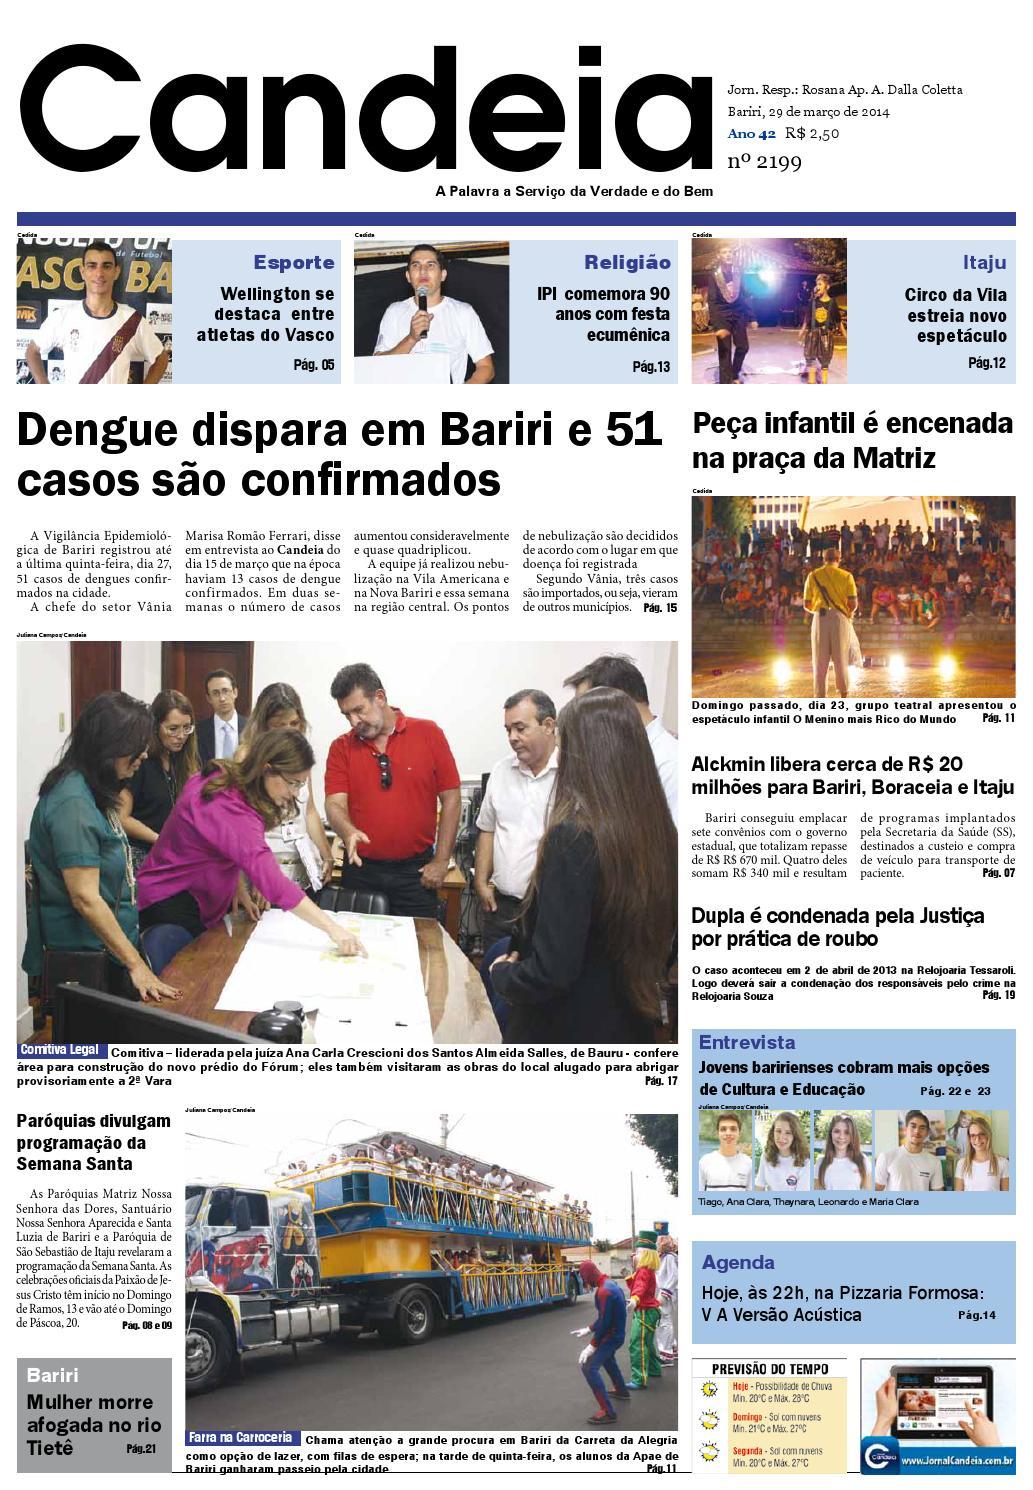 b19f3480bf56a Jornal candeia 29 03 2014 by Jornal Candeia - issuu